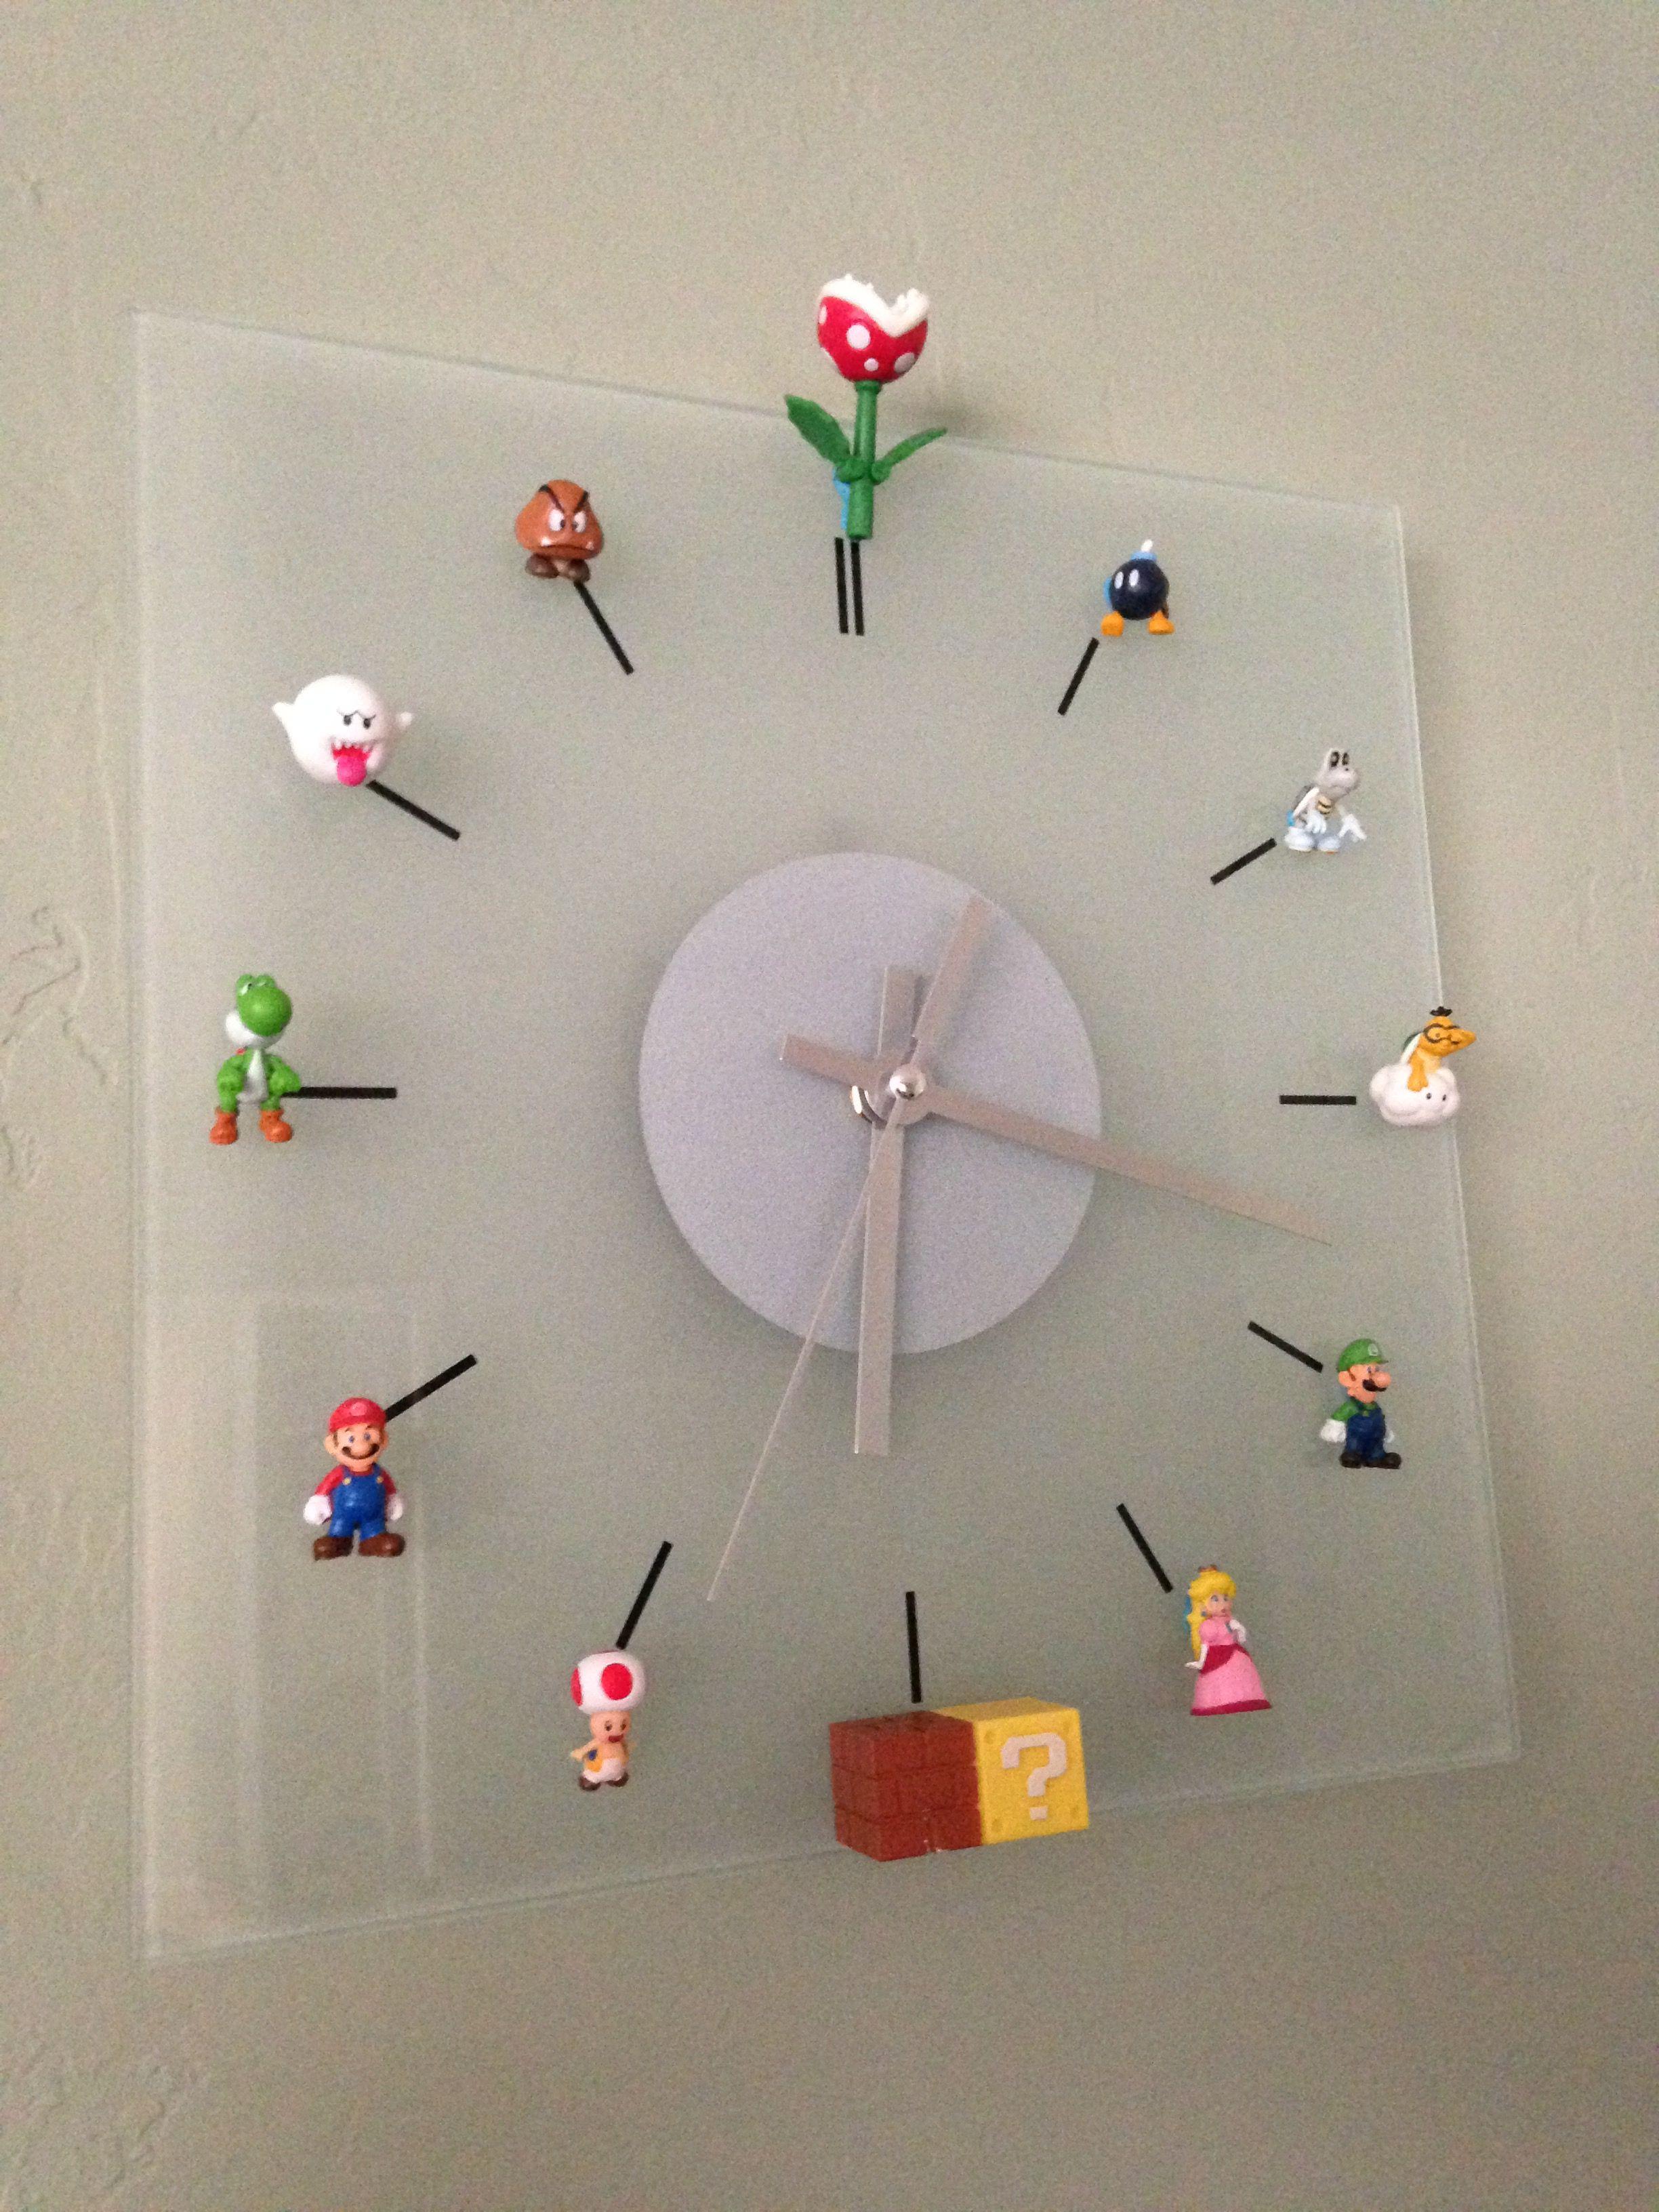 Diy mario bros clock toys and things for kids deco salle de jeux deco gamer et salle de jeux - Deco chambre mario ...